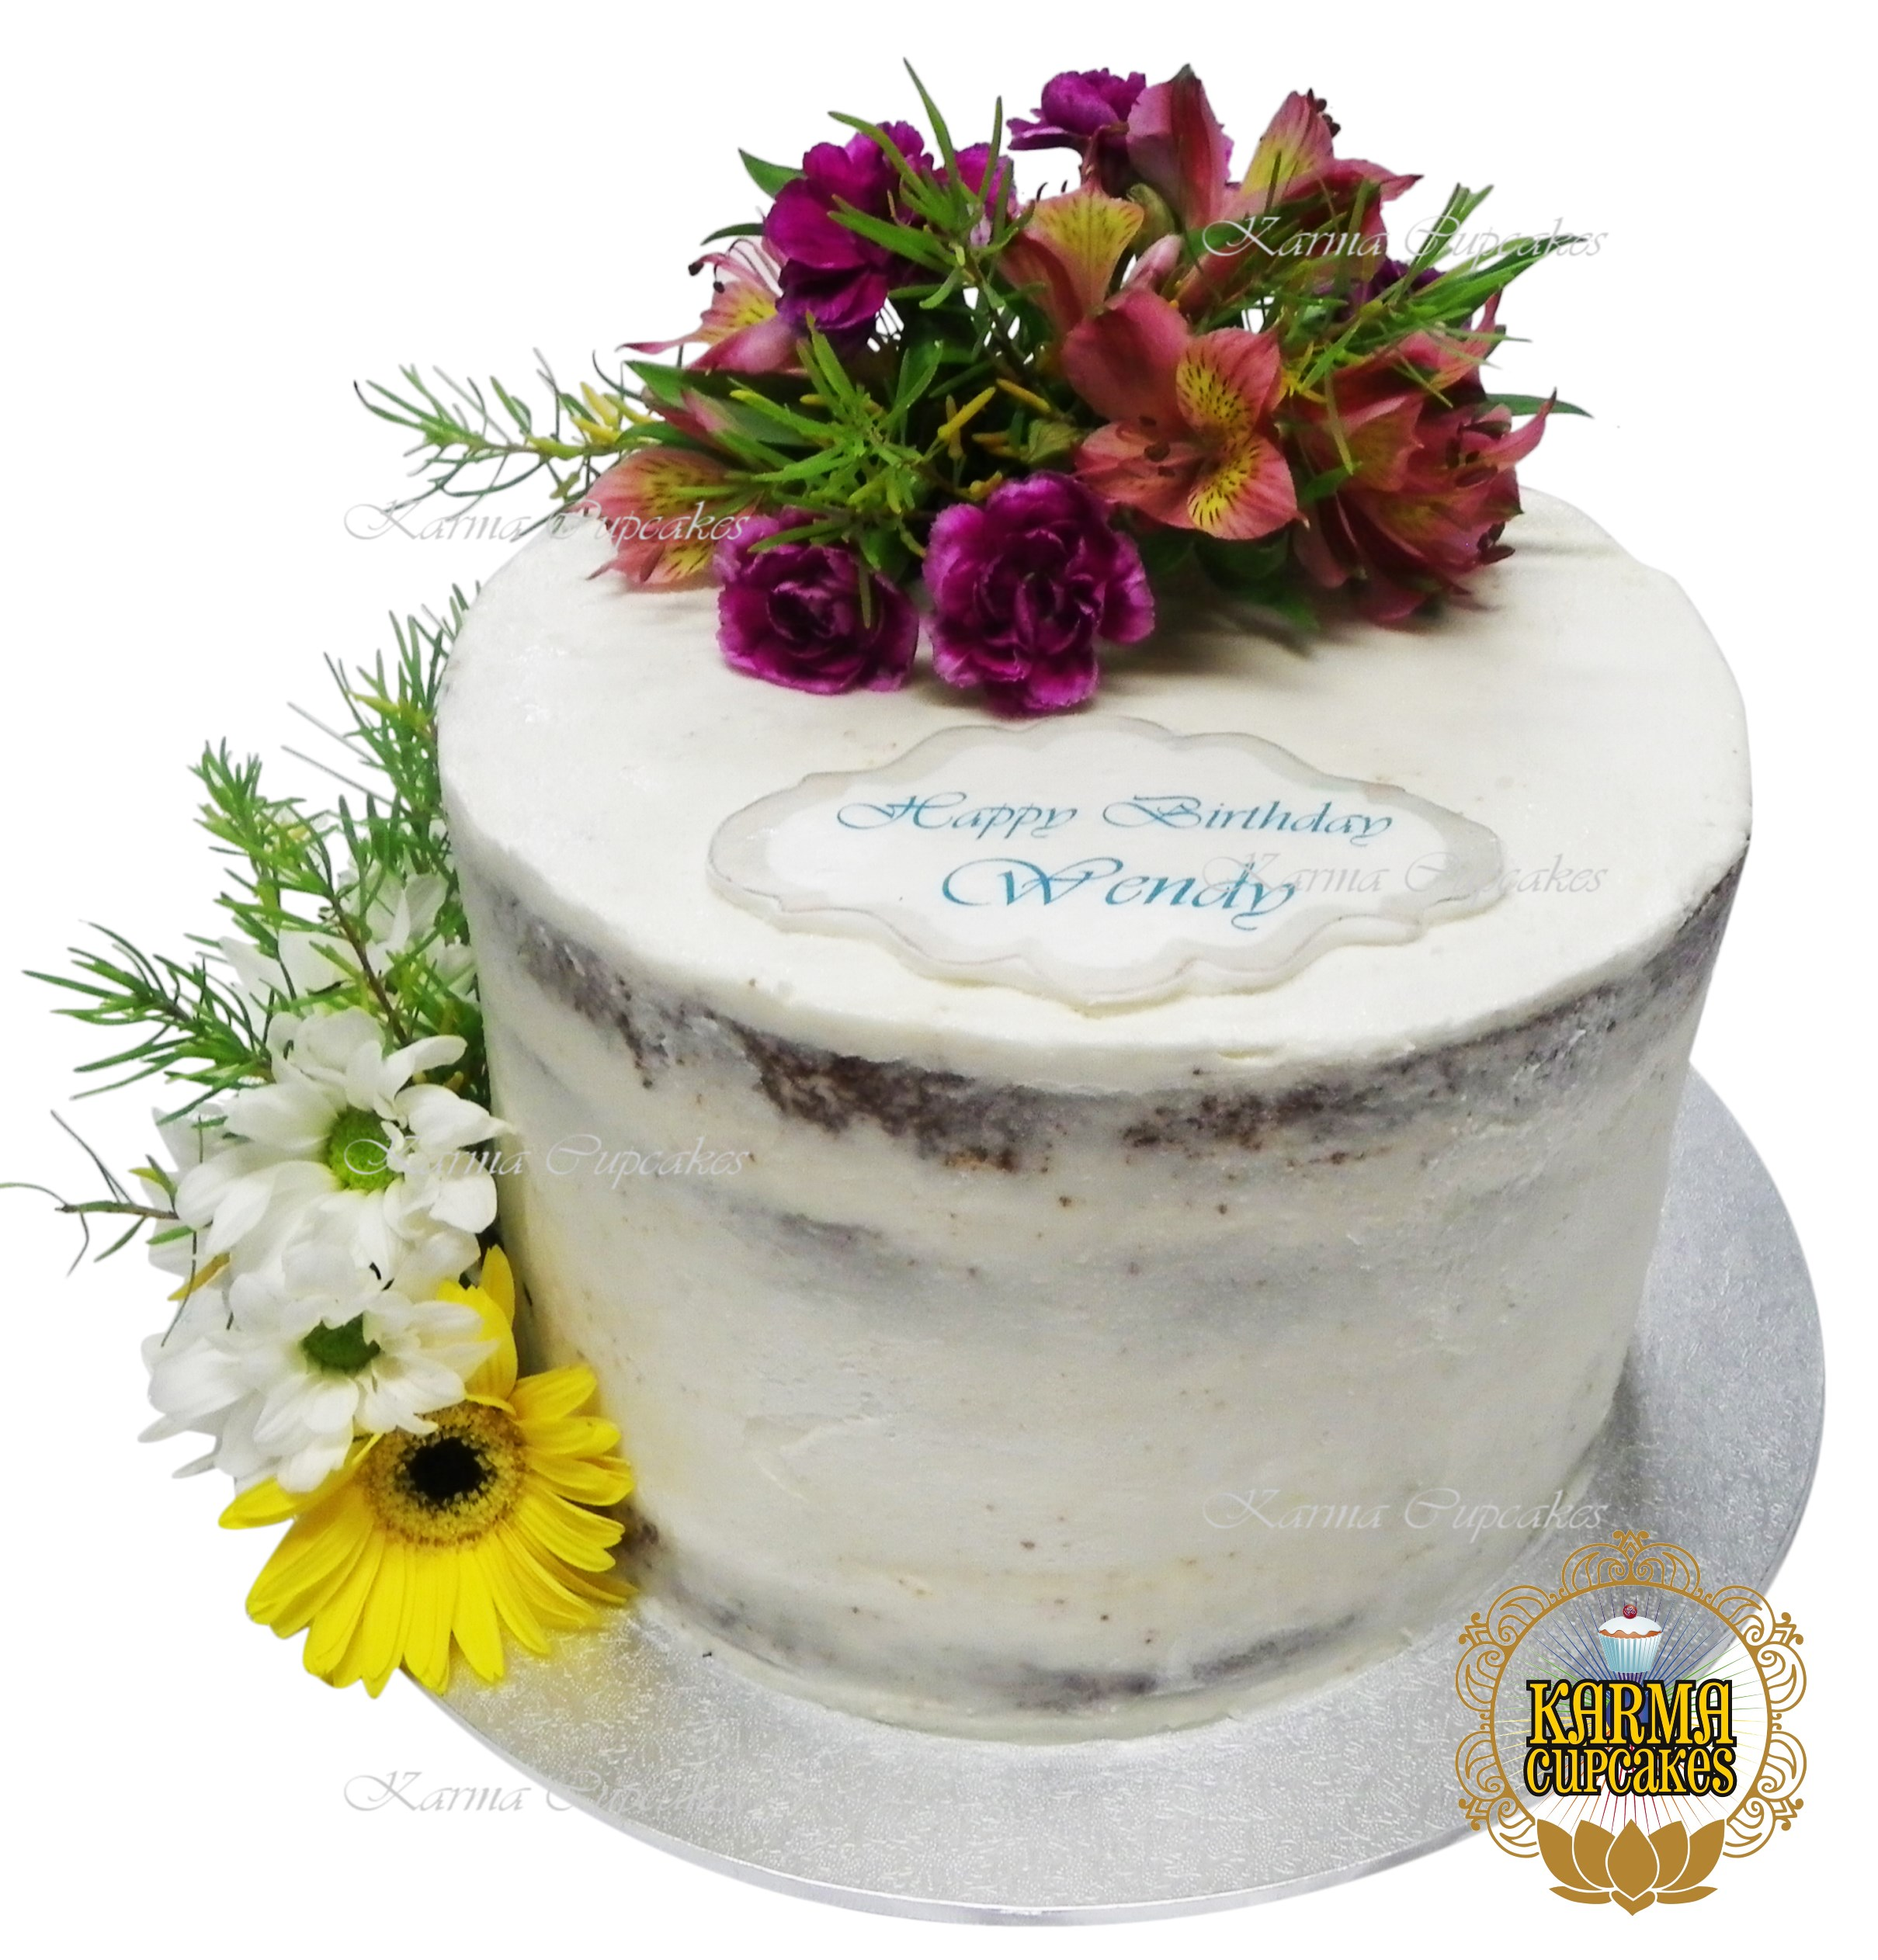 See All VEGAN Gluten Friendly cake varieties